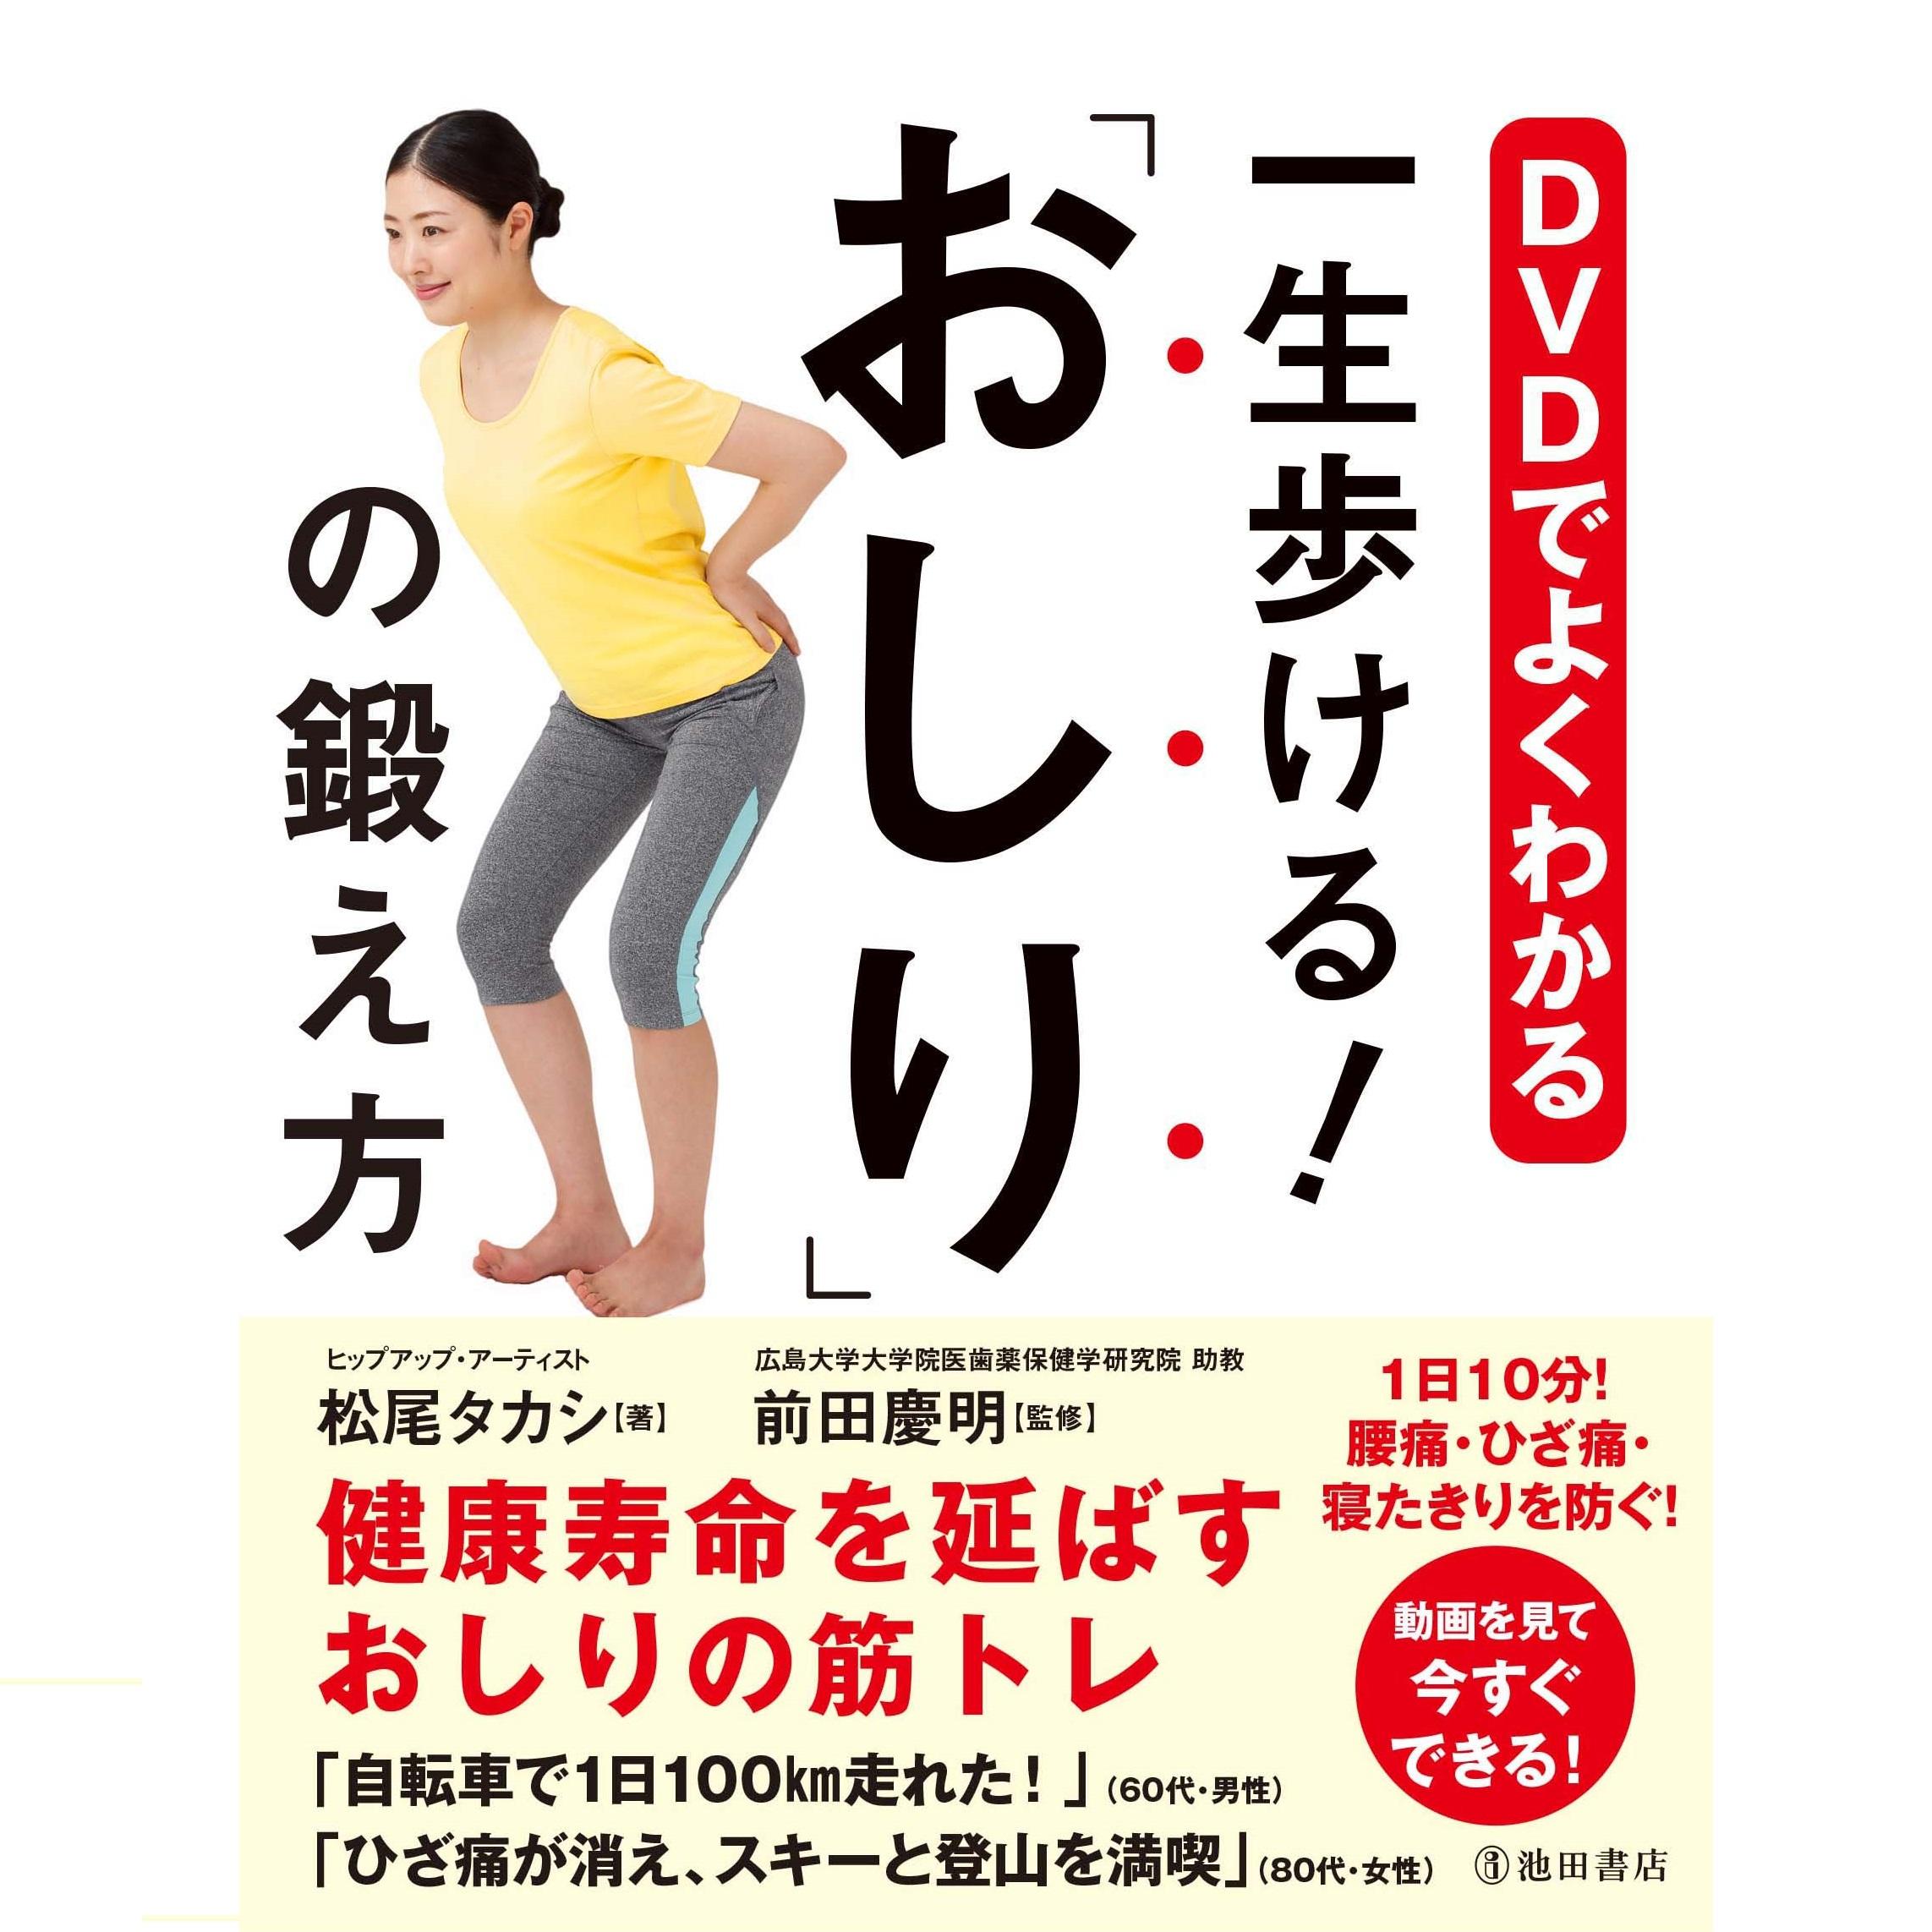 写真:DVDでよくわかる 一生歩ける! 「おしり」の鍛え方